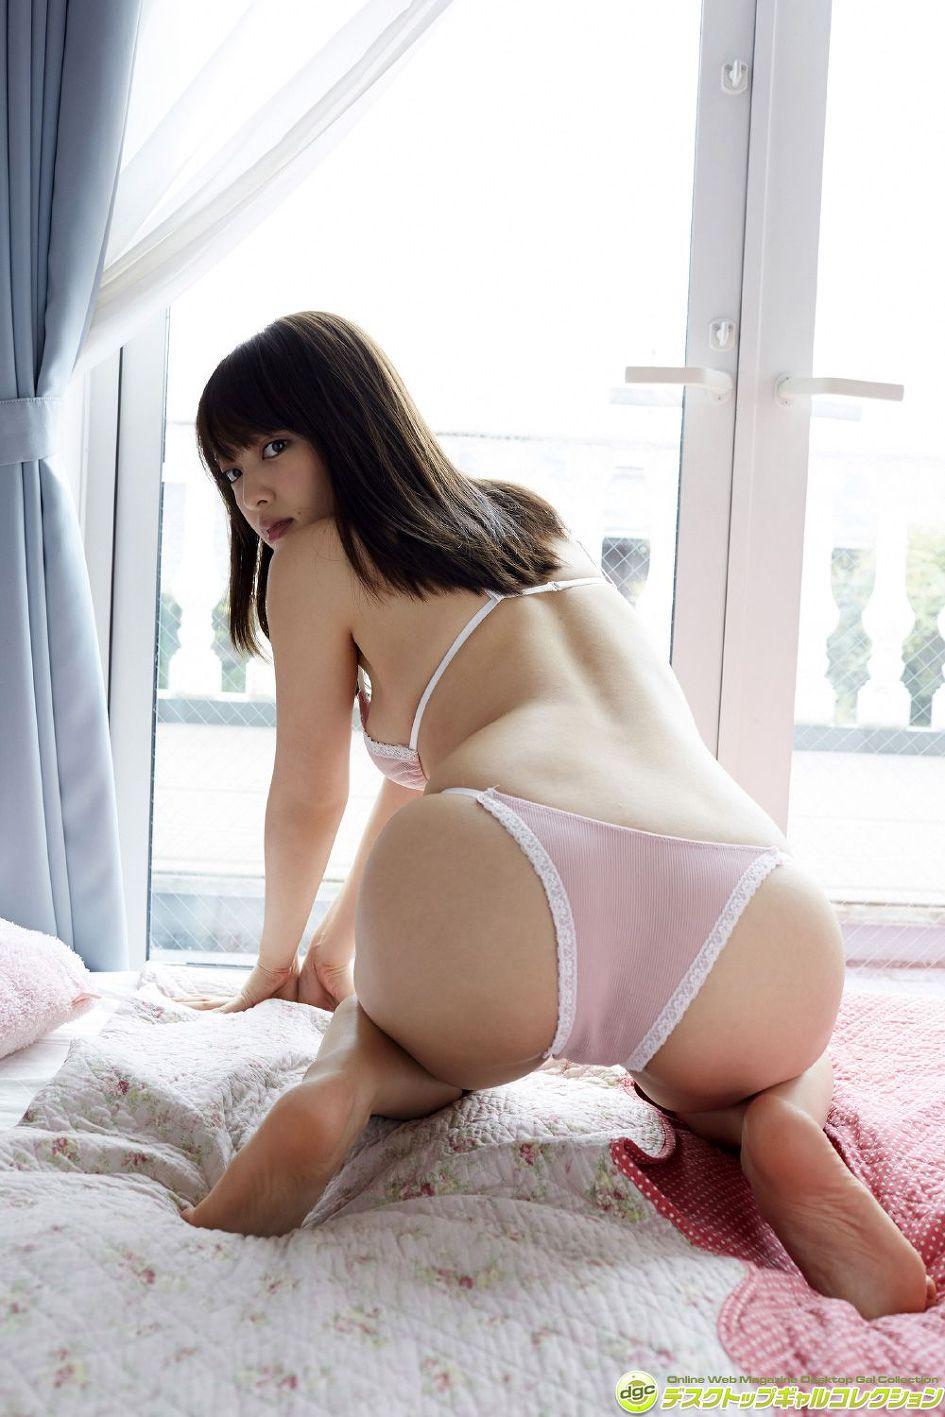 Ando Haruka 安藤遥